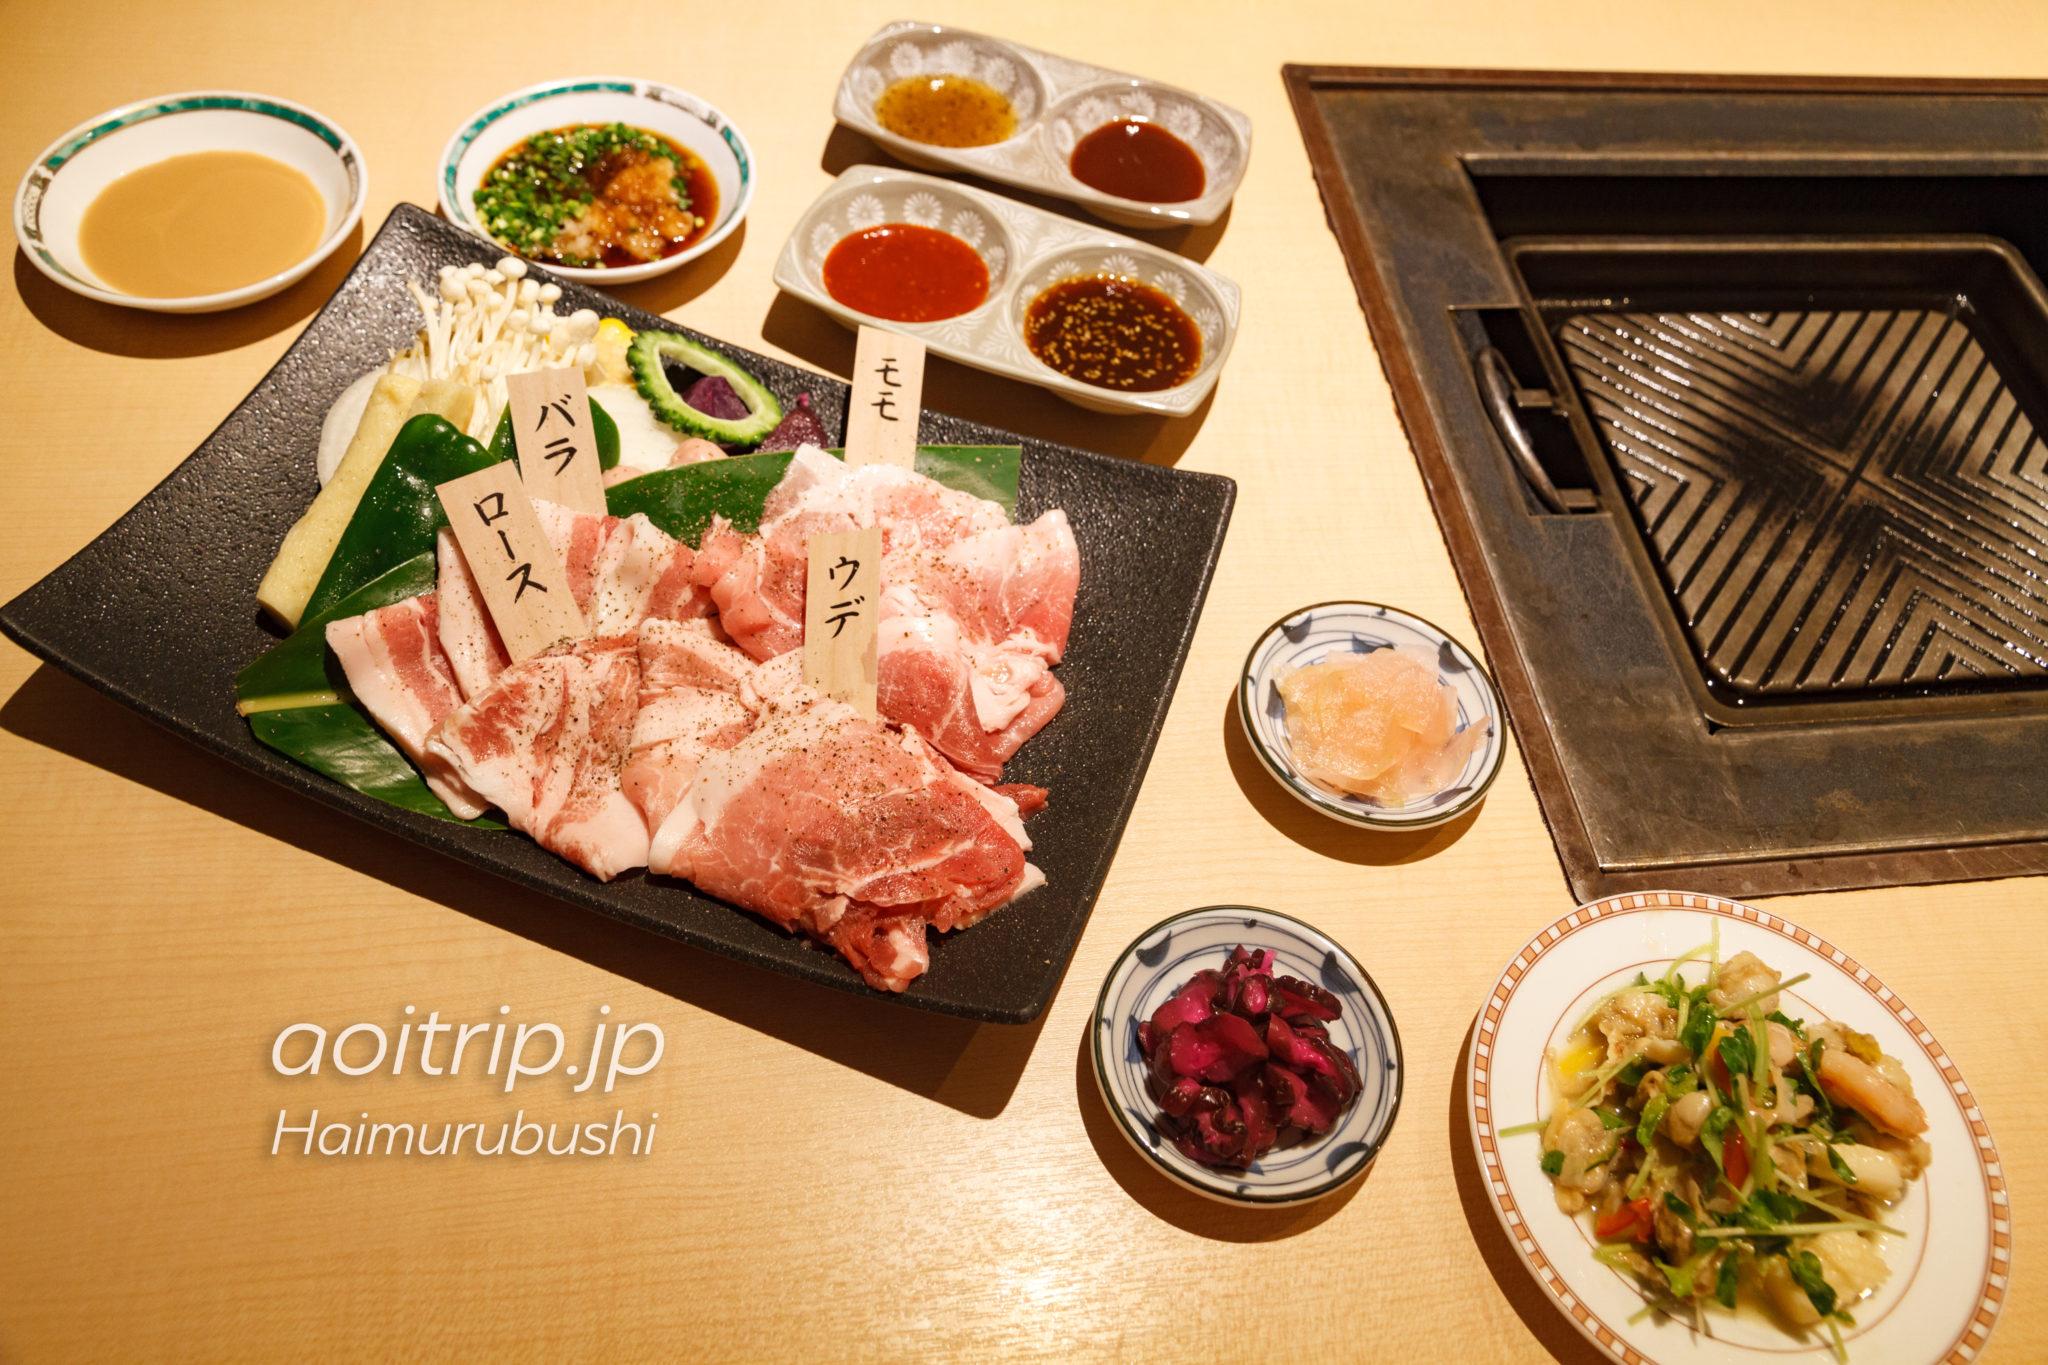 はいむるぶし 夕食アグー豚の焼き肉